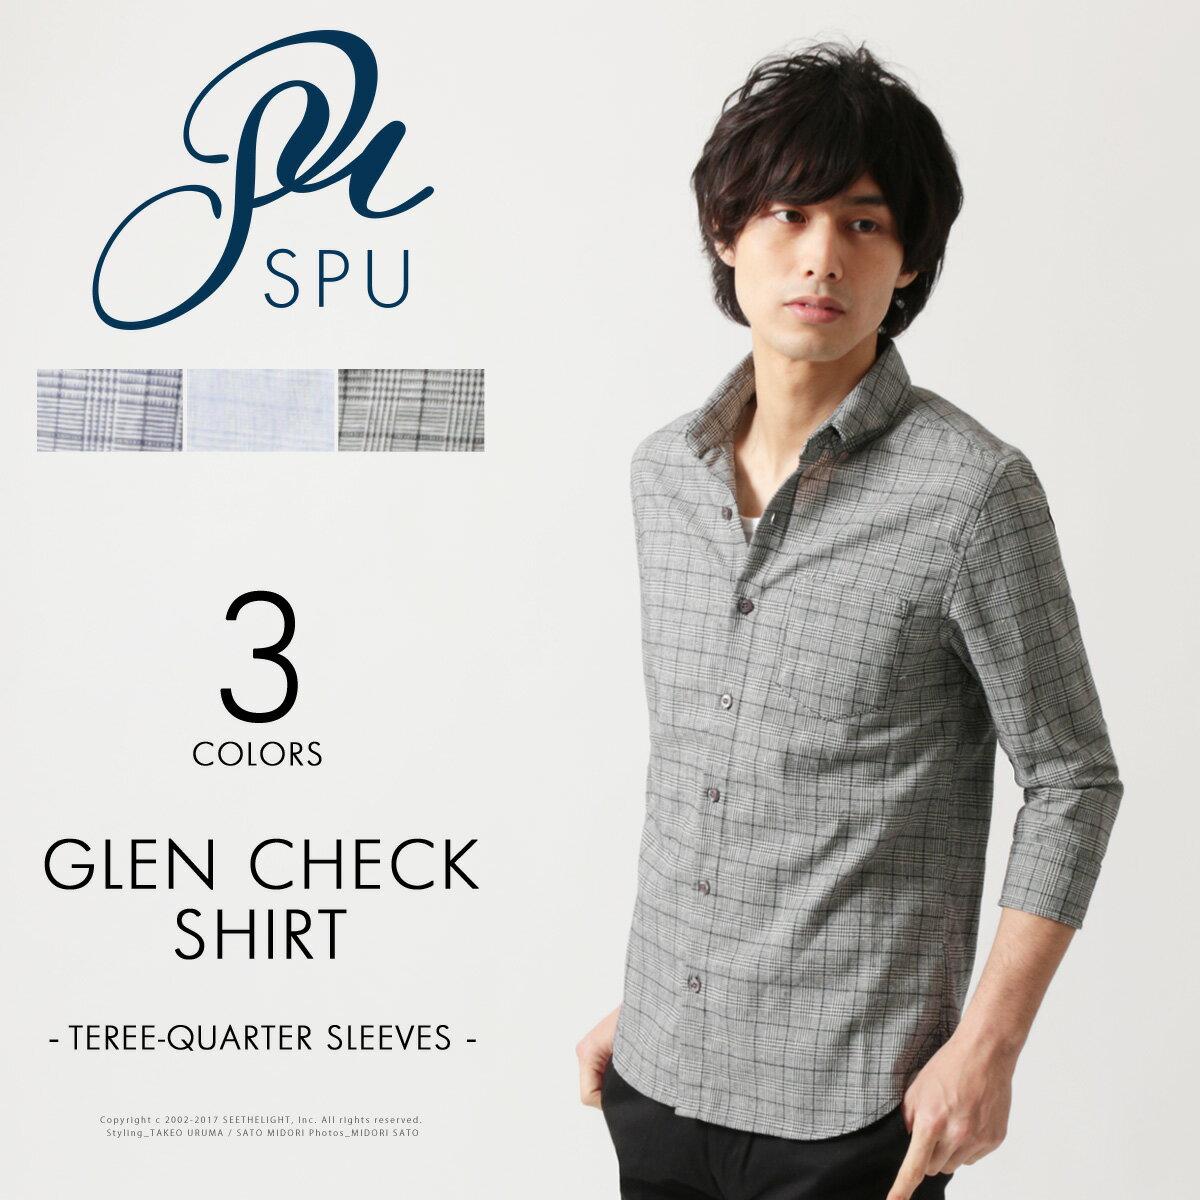 メンズ シャツ 春 メンズファッション ボタンダウン 綿麻 グレンチェック 7分袖 シャツ SPU スプ